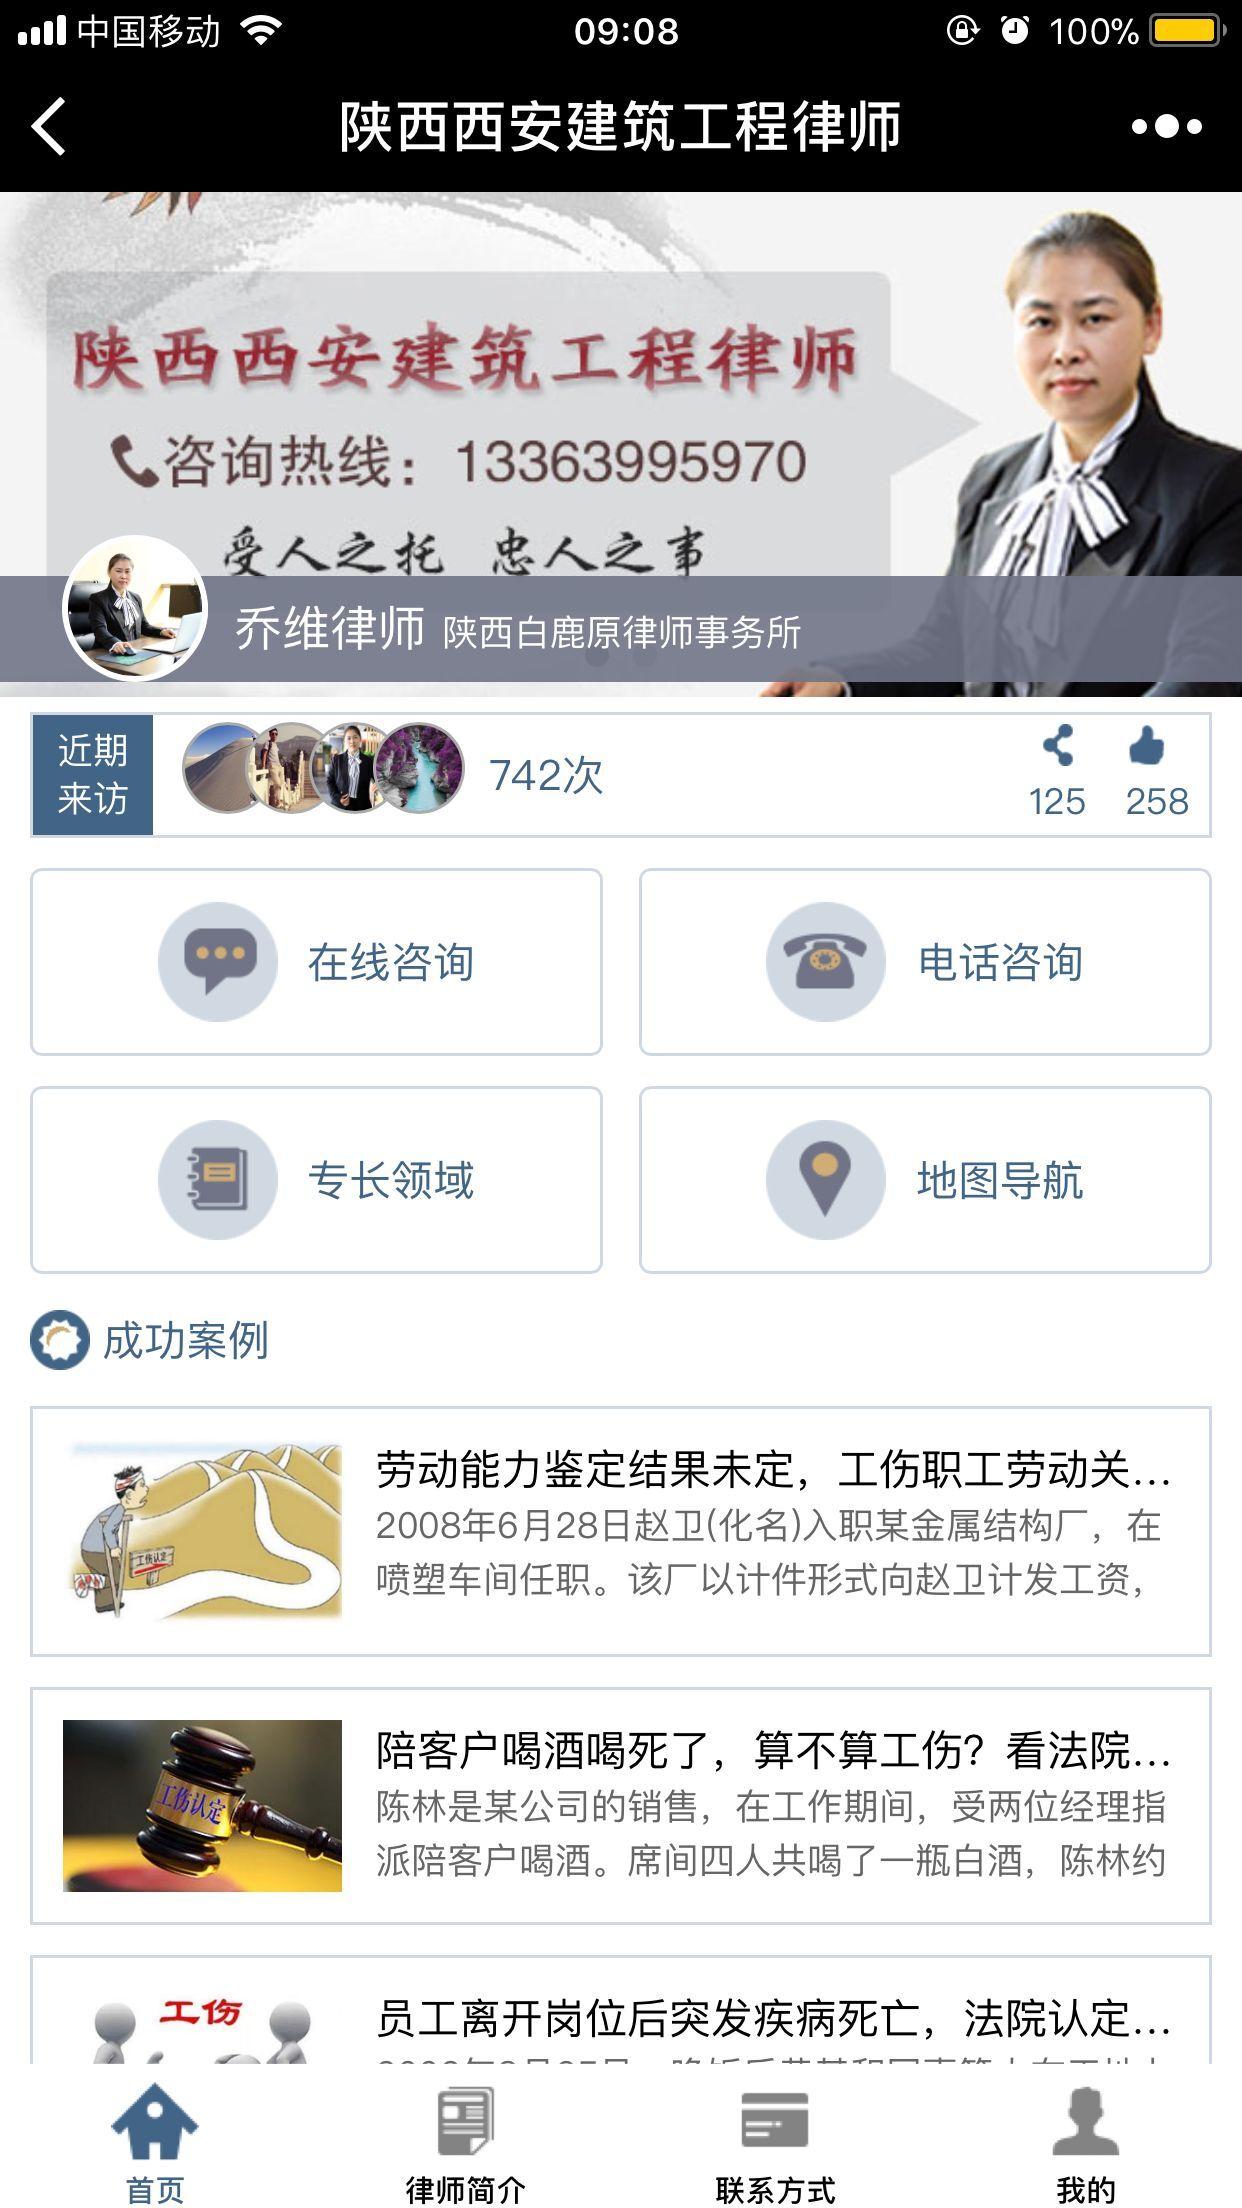 陕西西安建筑工程律师小程序